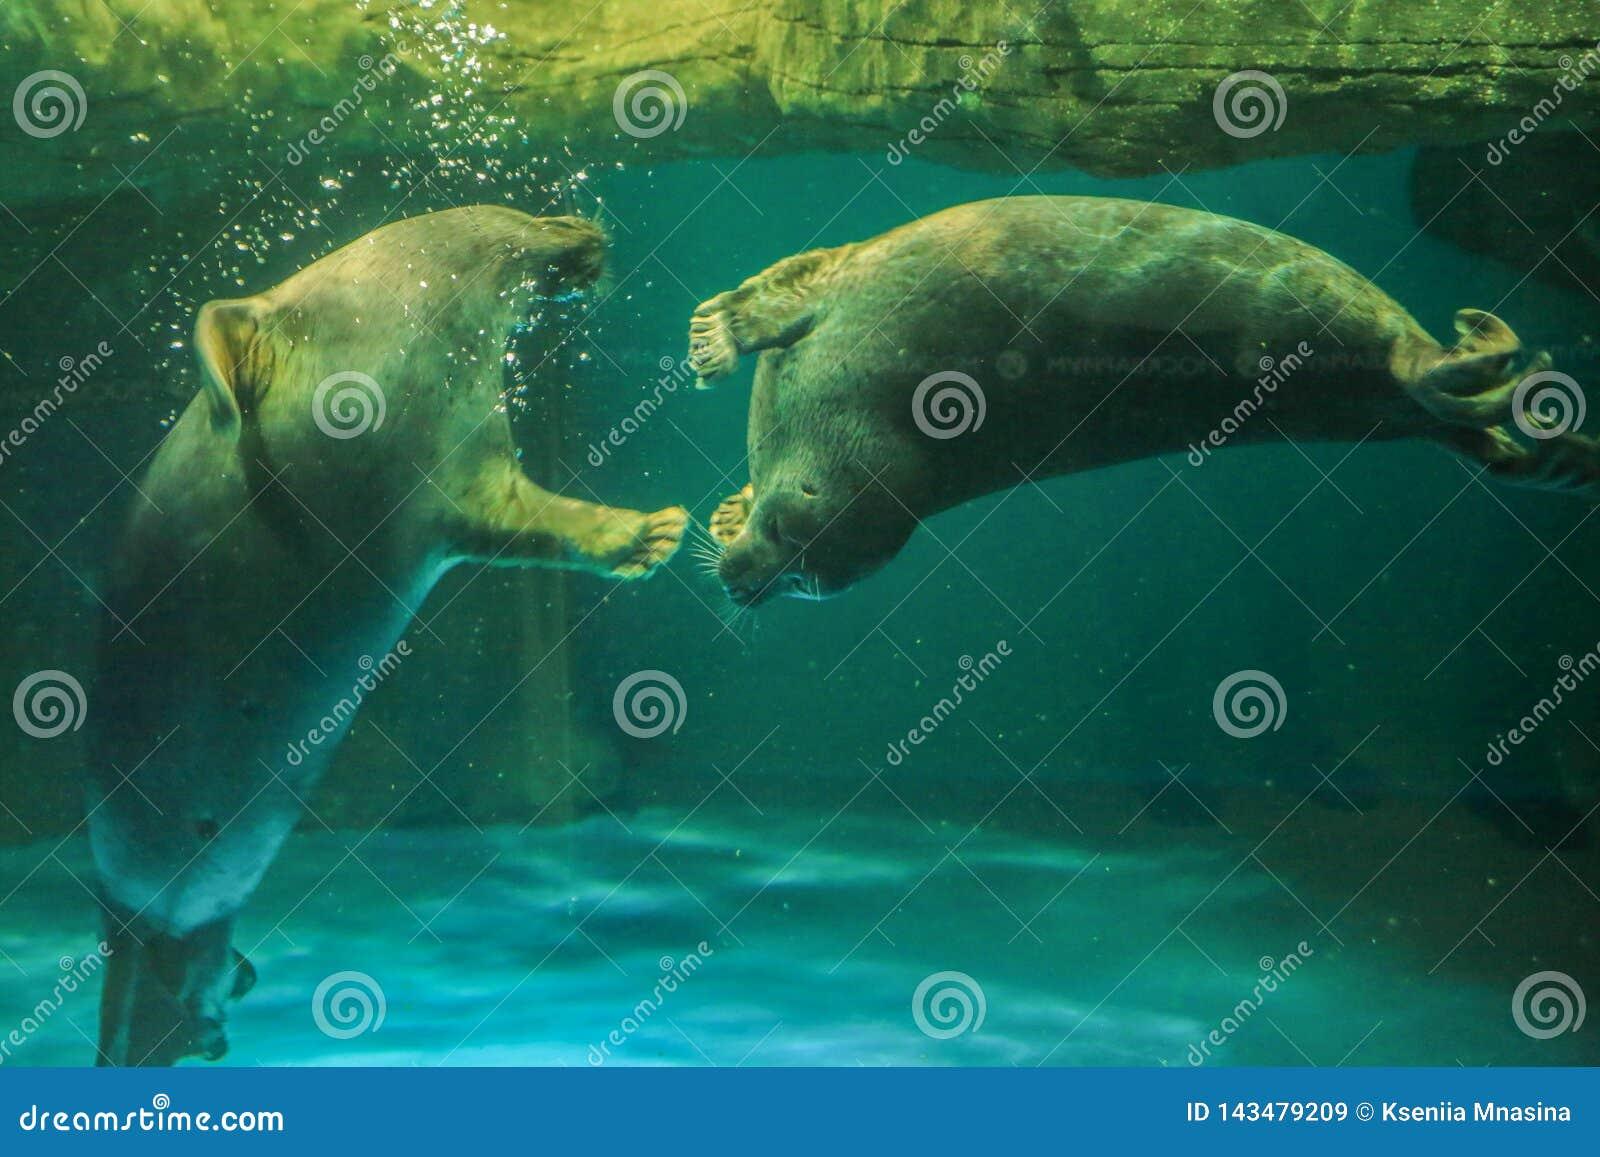 两贝加尔湖封印互相使用